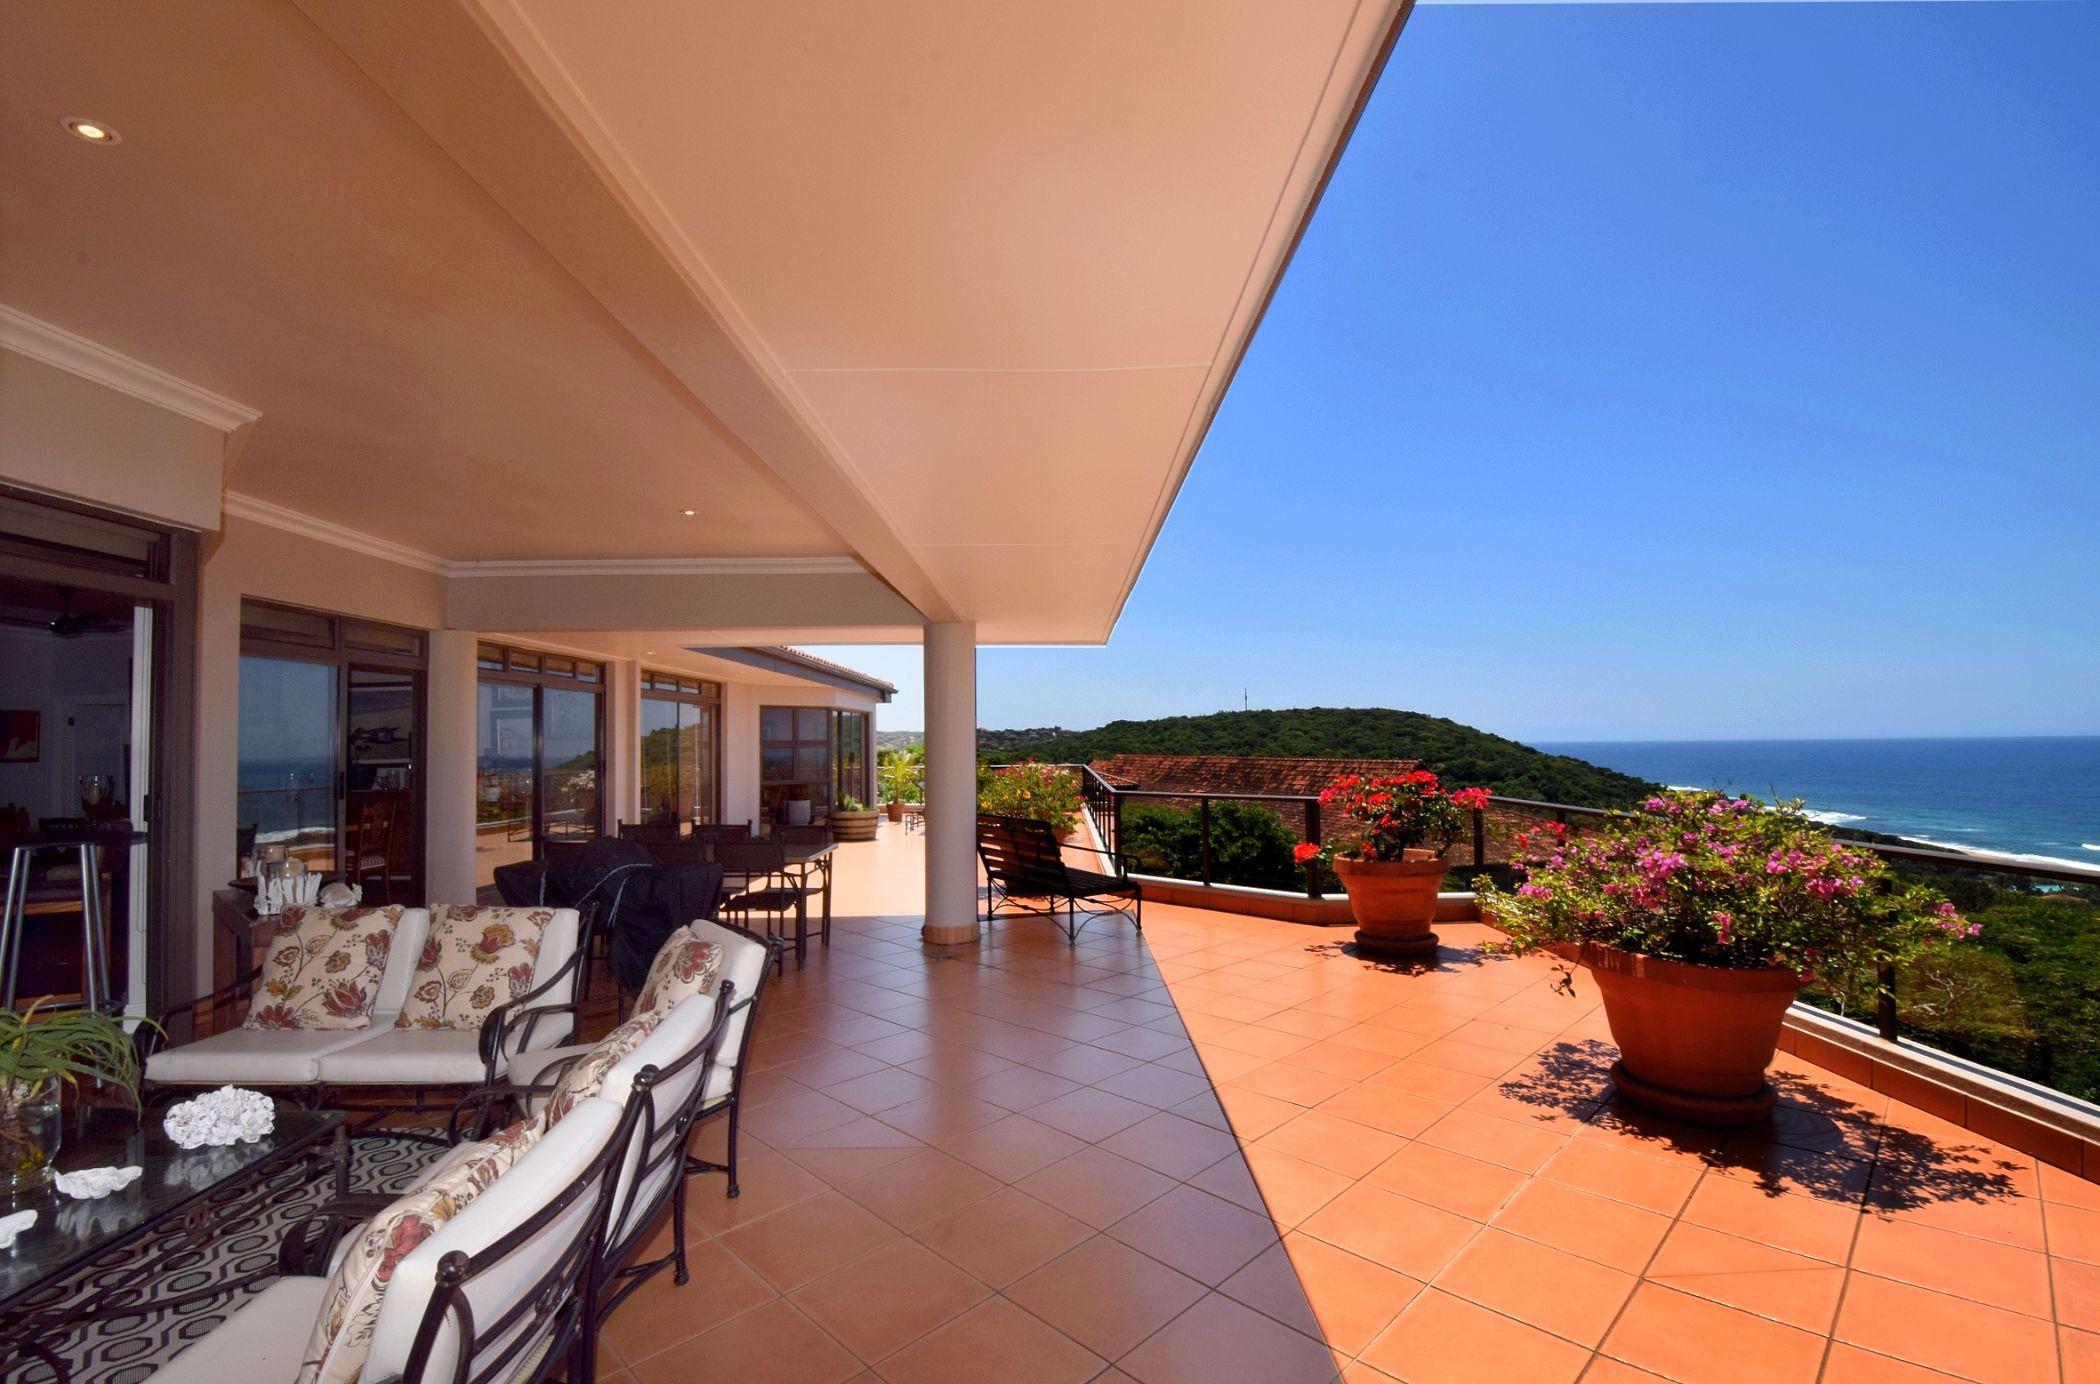 4 bedroom apartment to rent in Zimbali Coastal Resort